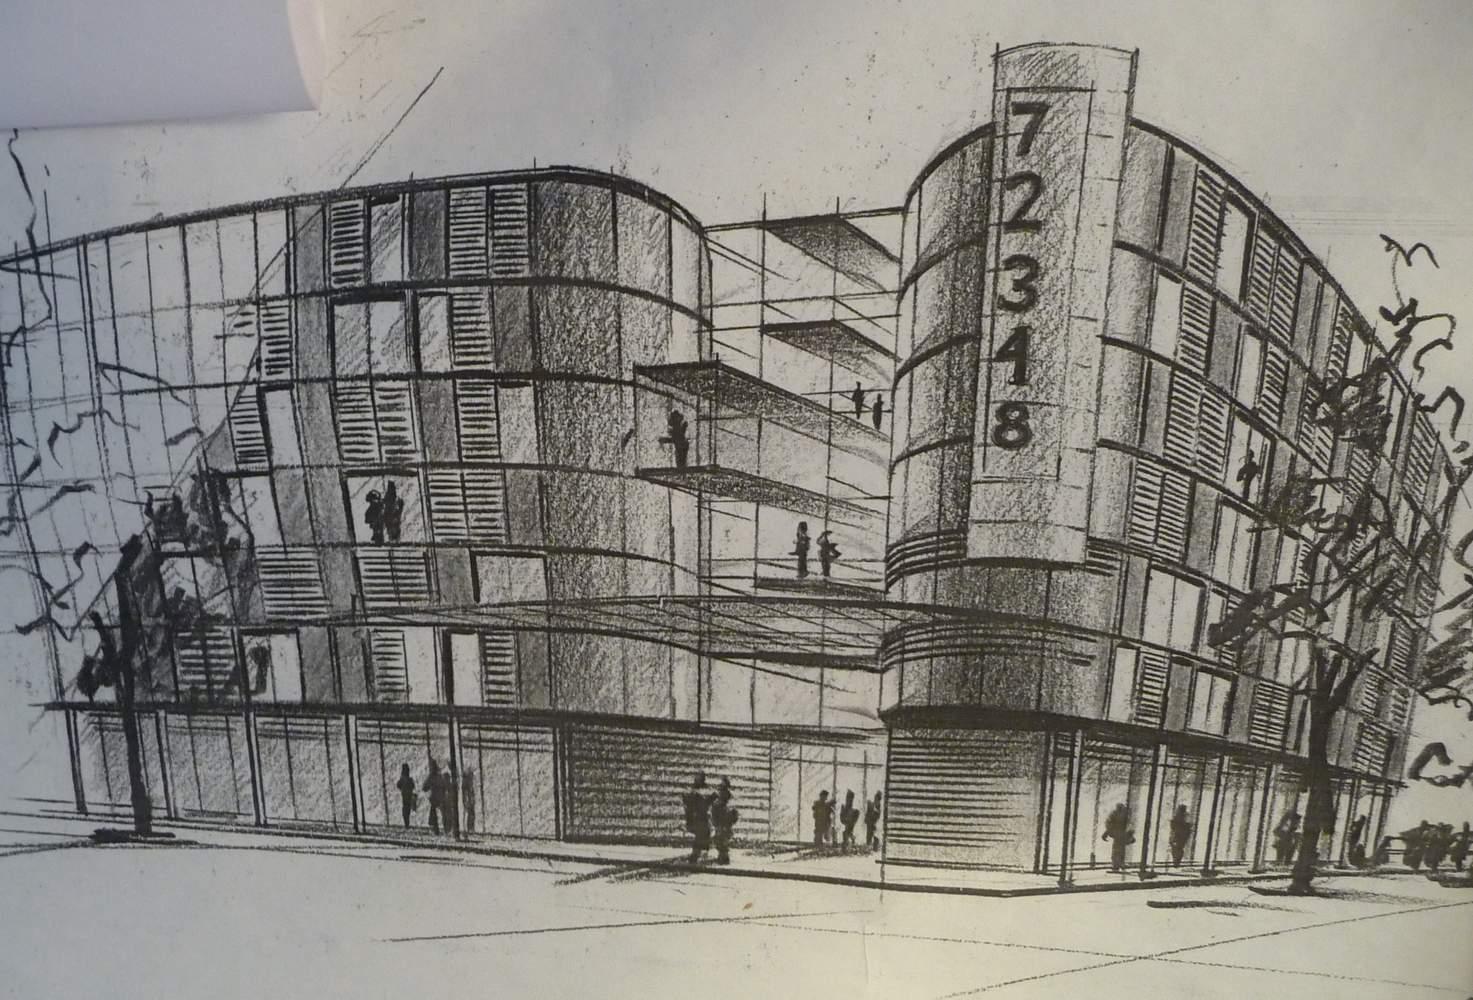 Architekturzeichnen arch blog - Architektur zeichnen ...